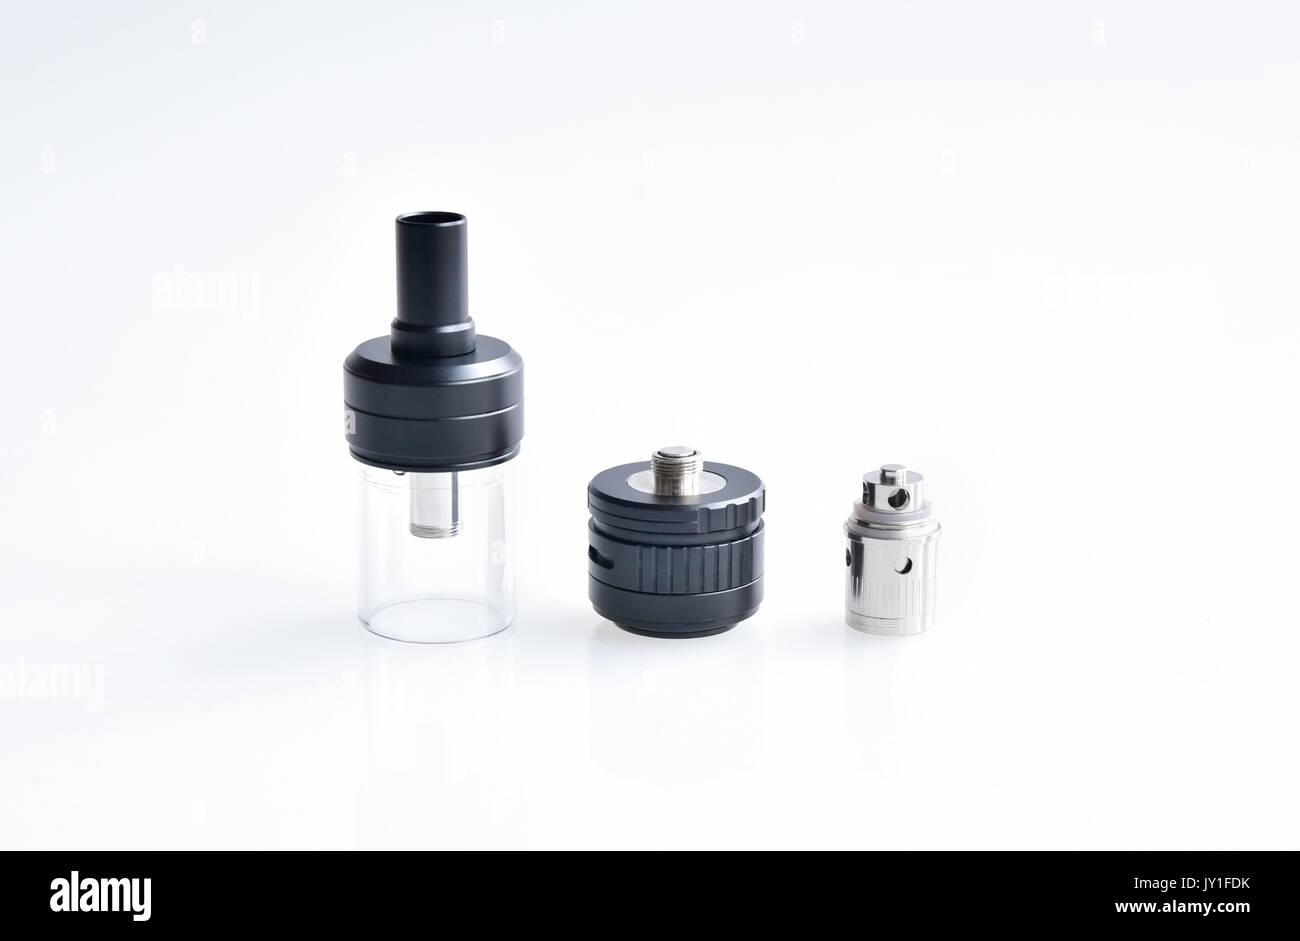 Disassembled e-cig atomizer isolated on white background - Stock Image